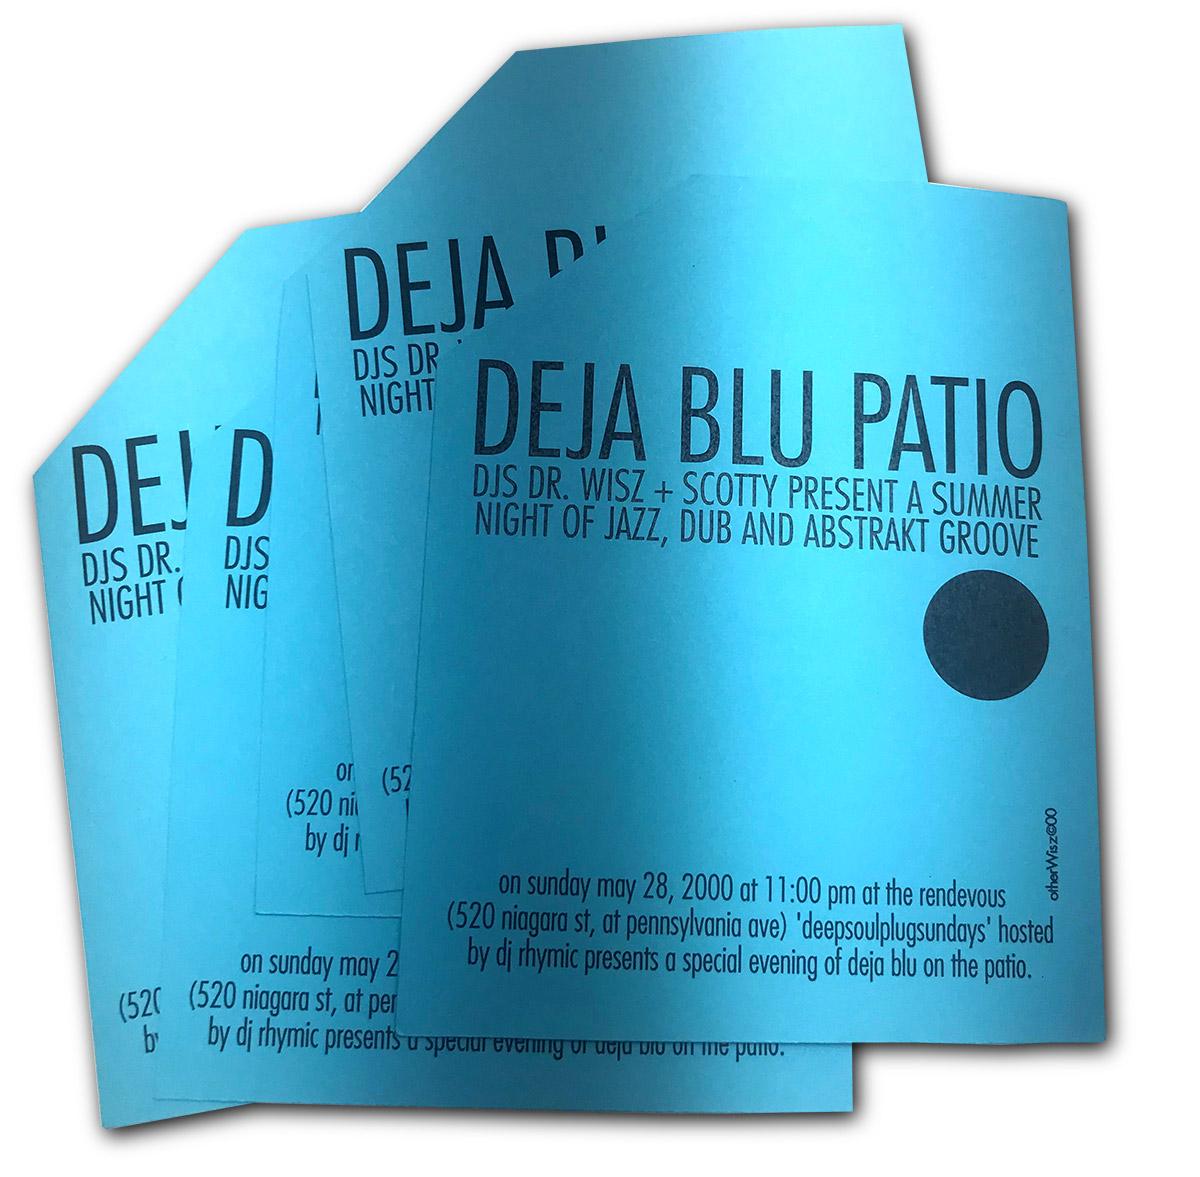 deja blu, dejablu, dj dr wisz, dj scotty, redevous nightclub, buffalo NY, poster design, flyer design, deepsoulplug sundays